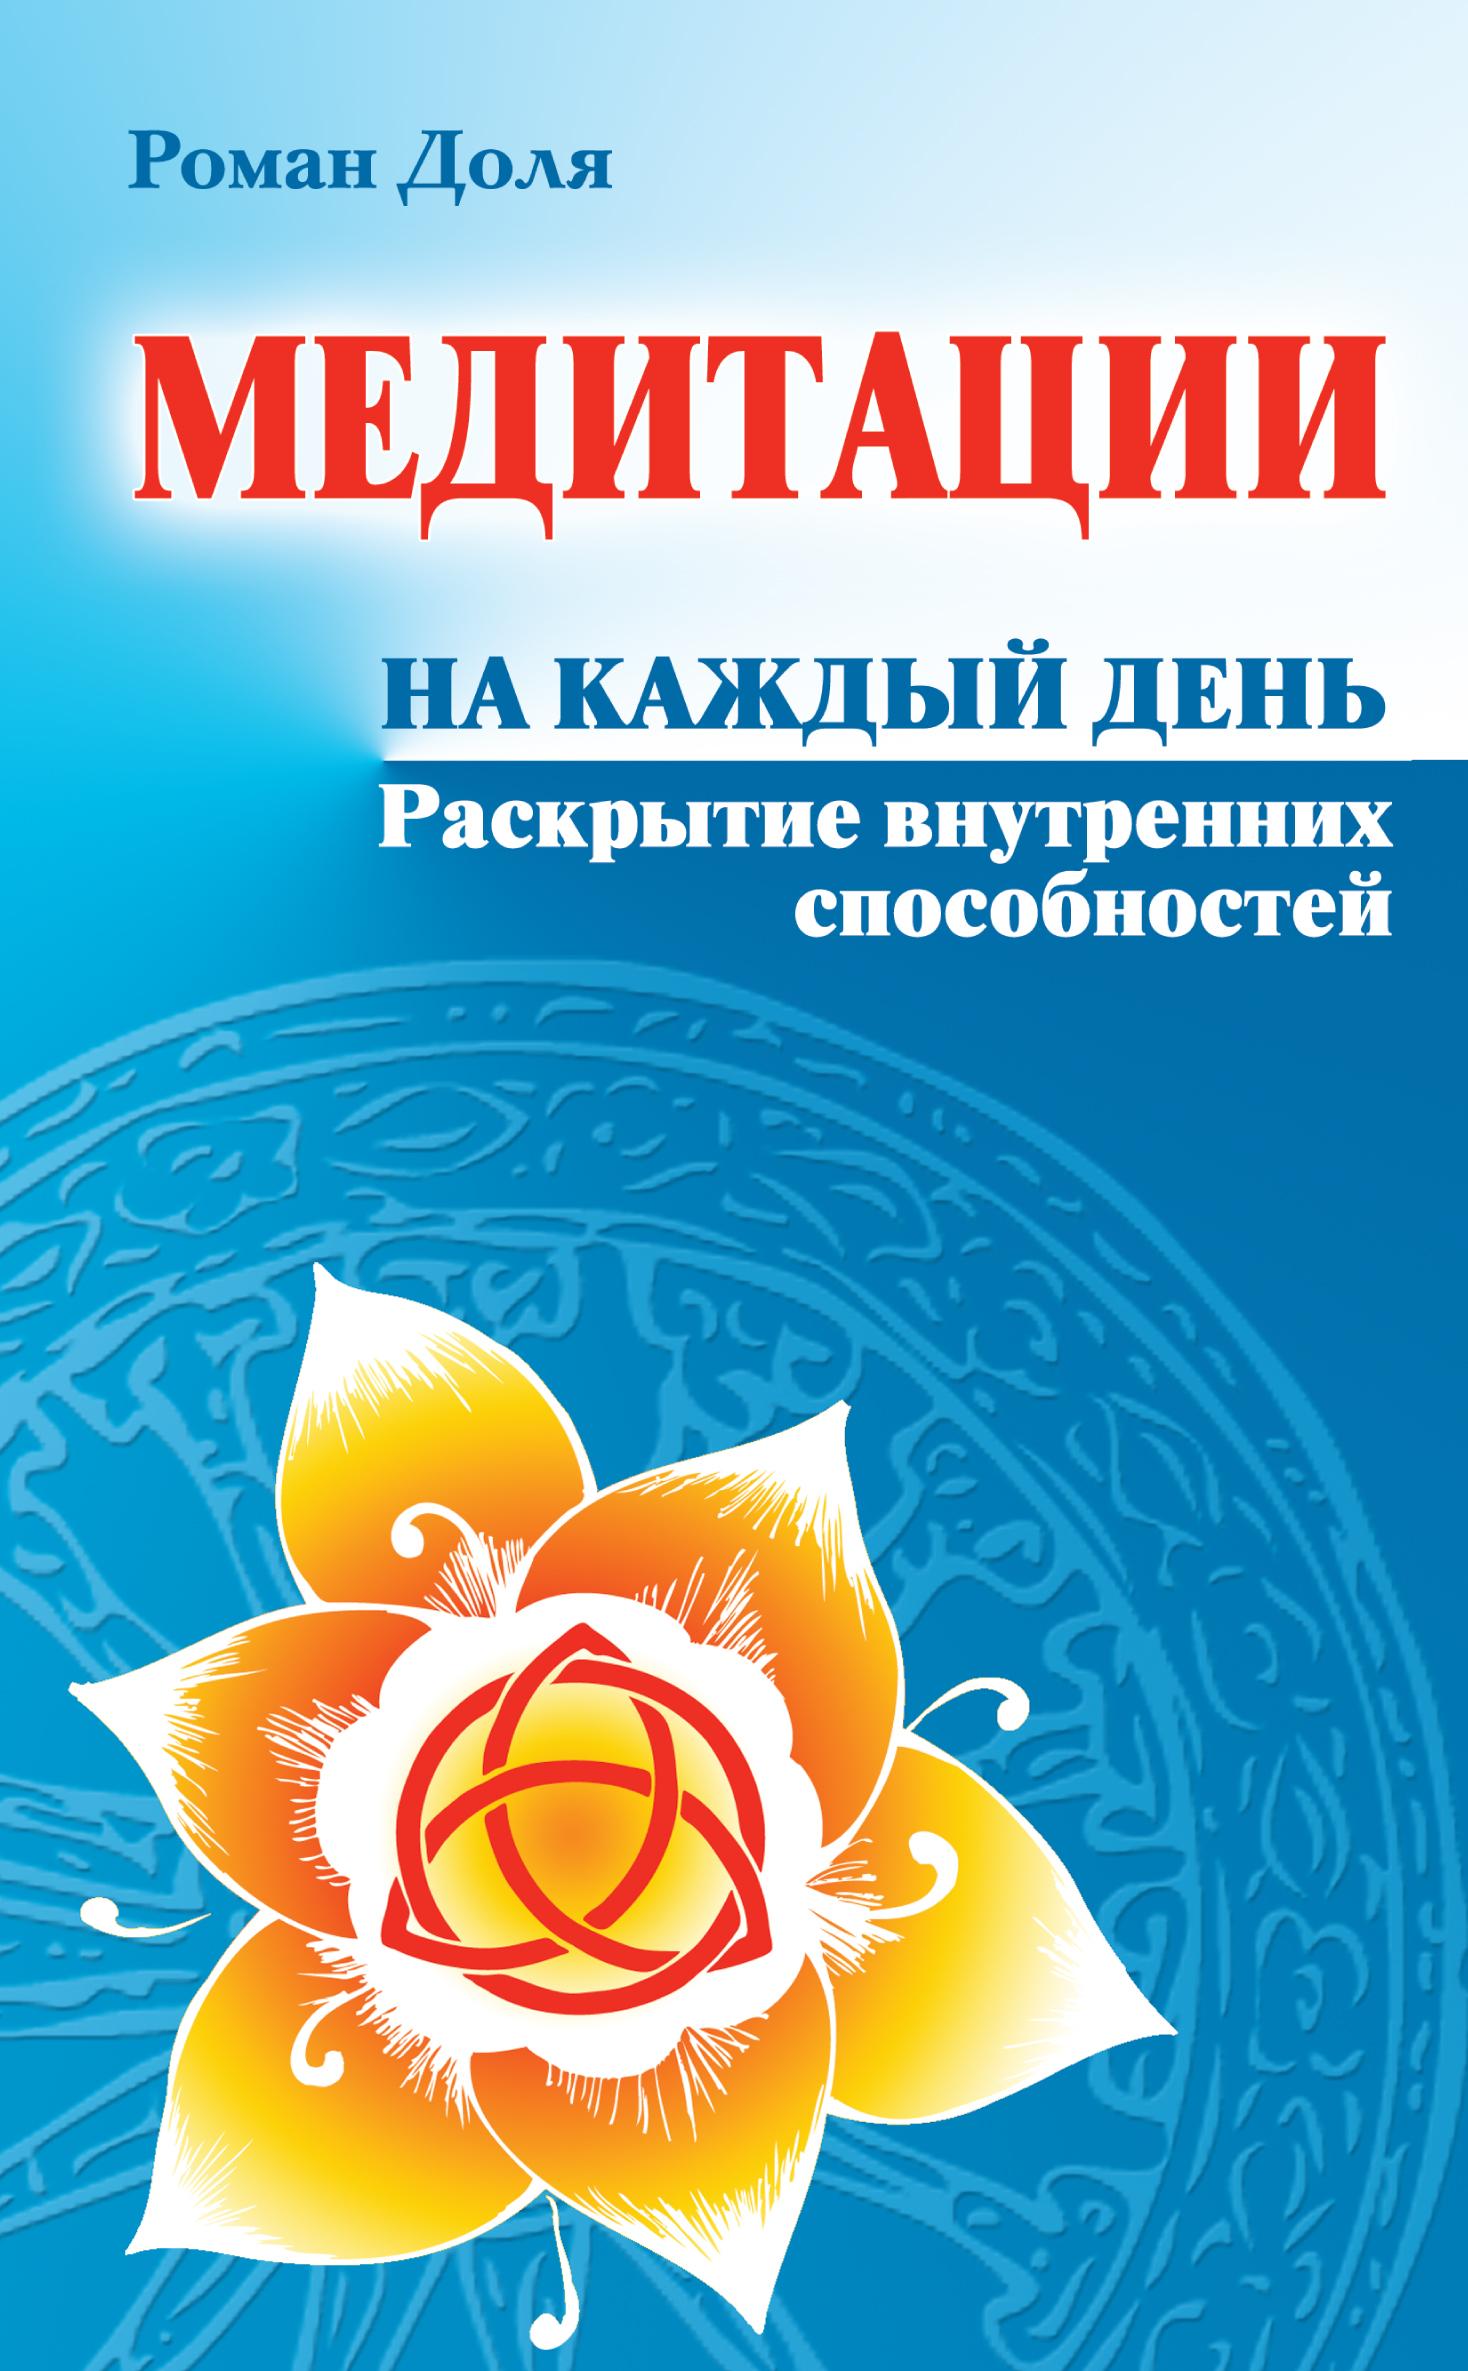 Медитации на каждый день. 5-е изд. Раскрытие внутренних способностей